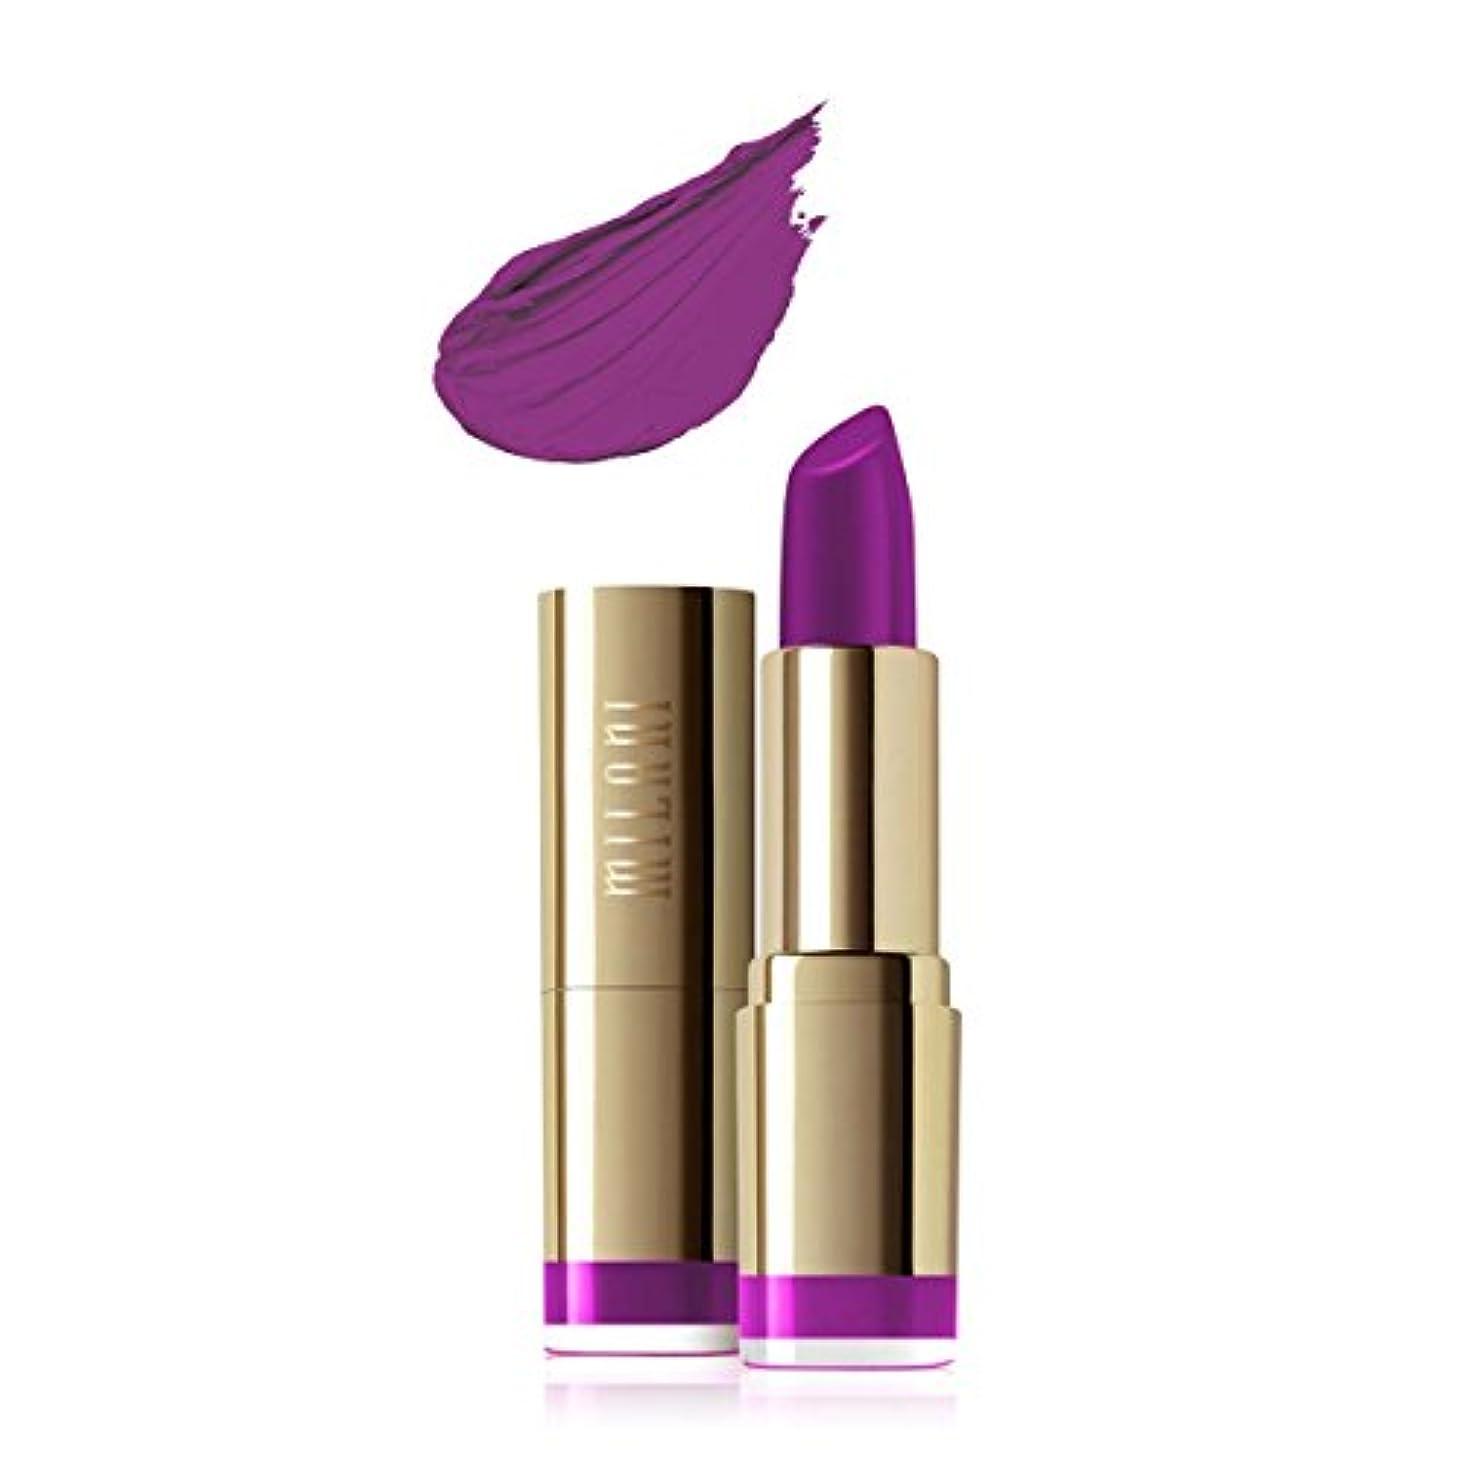 クランプセーブブルームMILANI Color Statement Moisture Matte Lipstick - Matte Glam (Vegan) (並行輸入品)